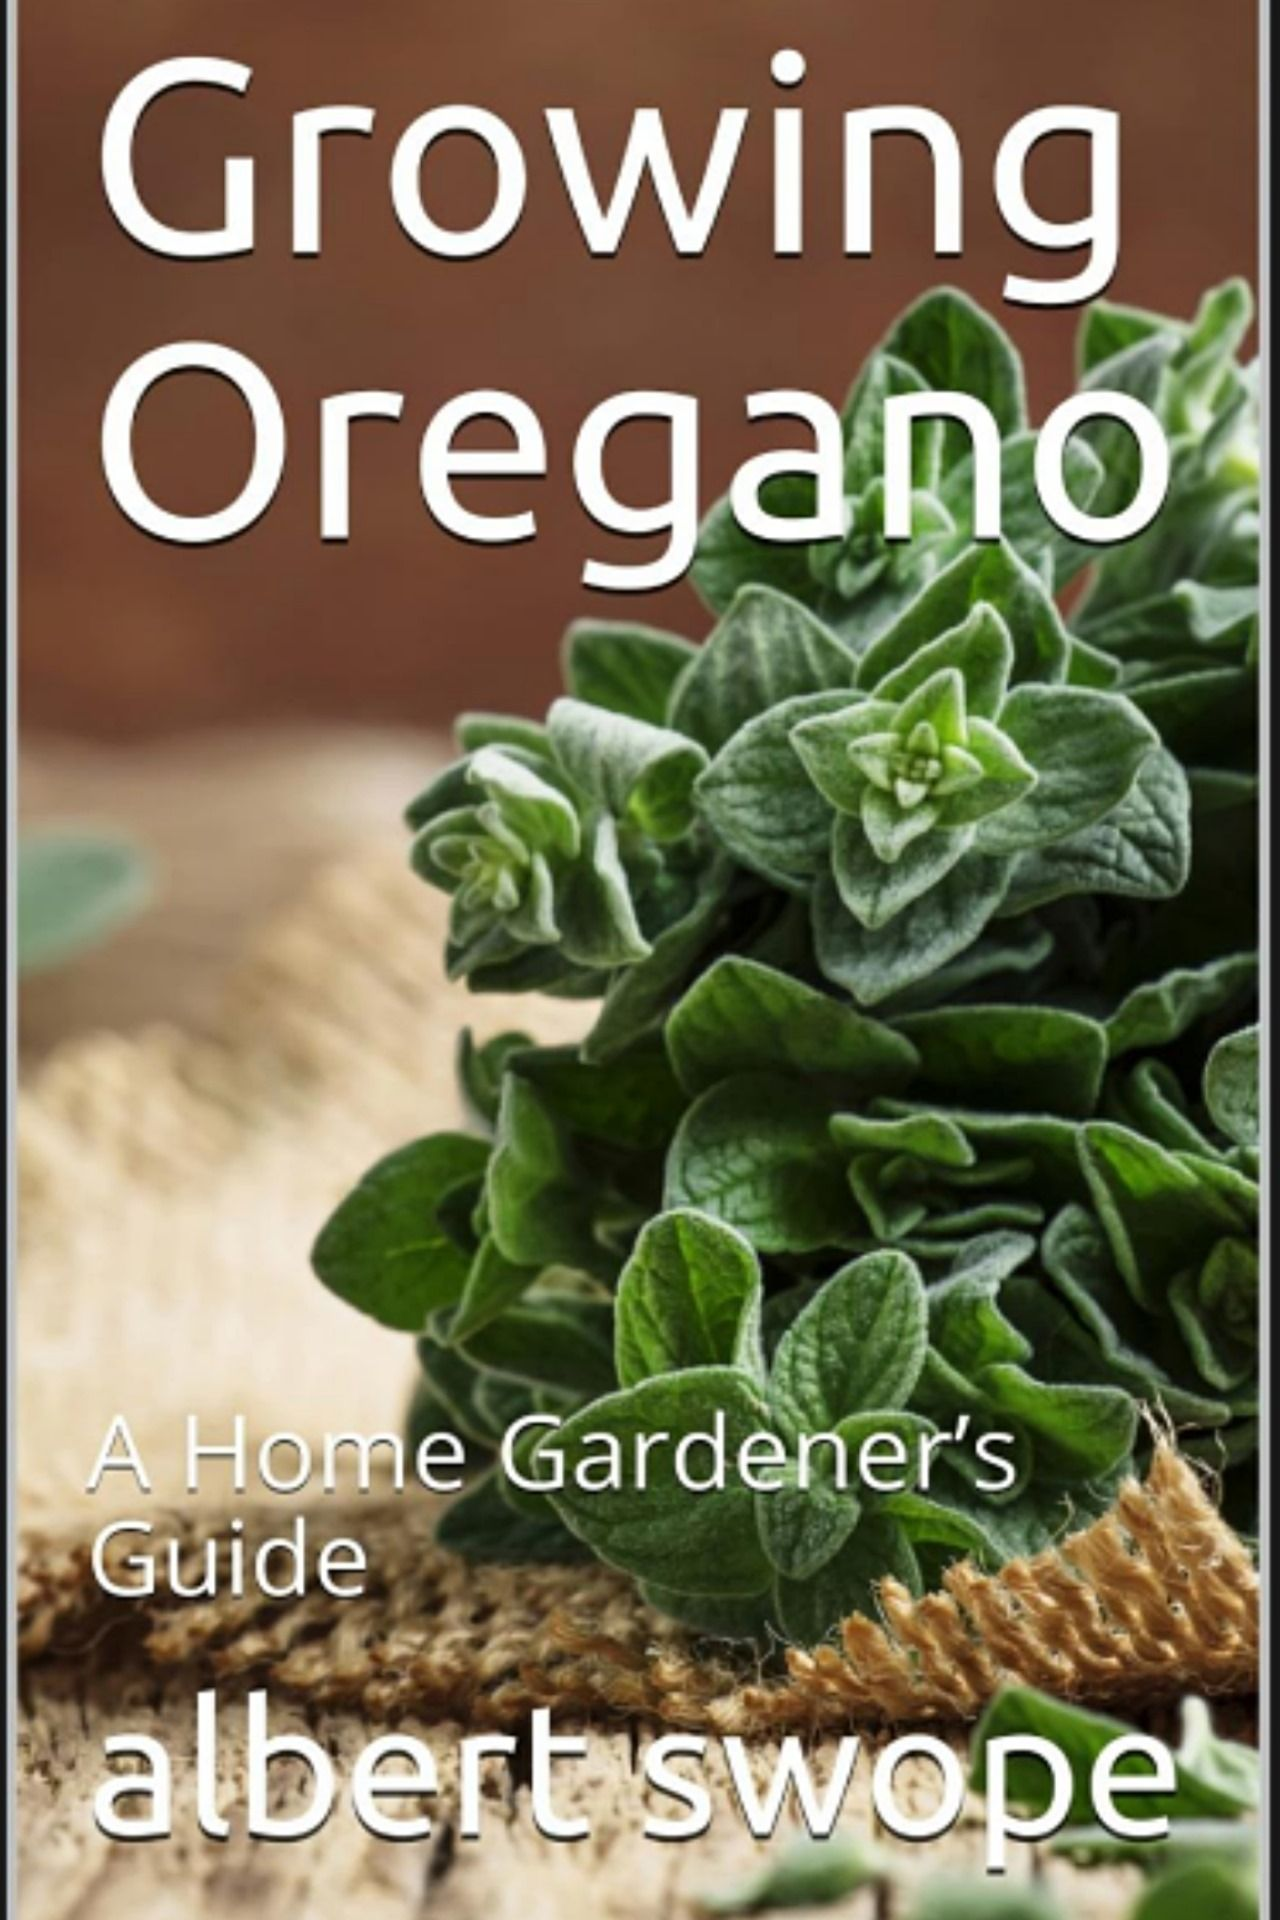 Growing Oregano A Home Gardener's Guide (Backyard Garden